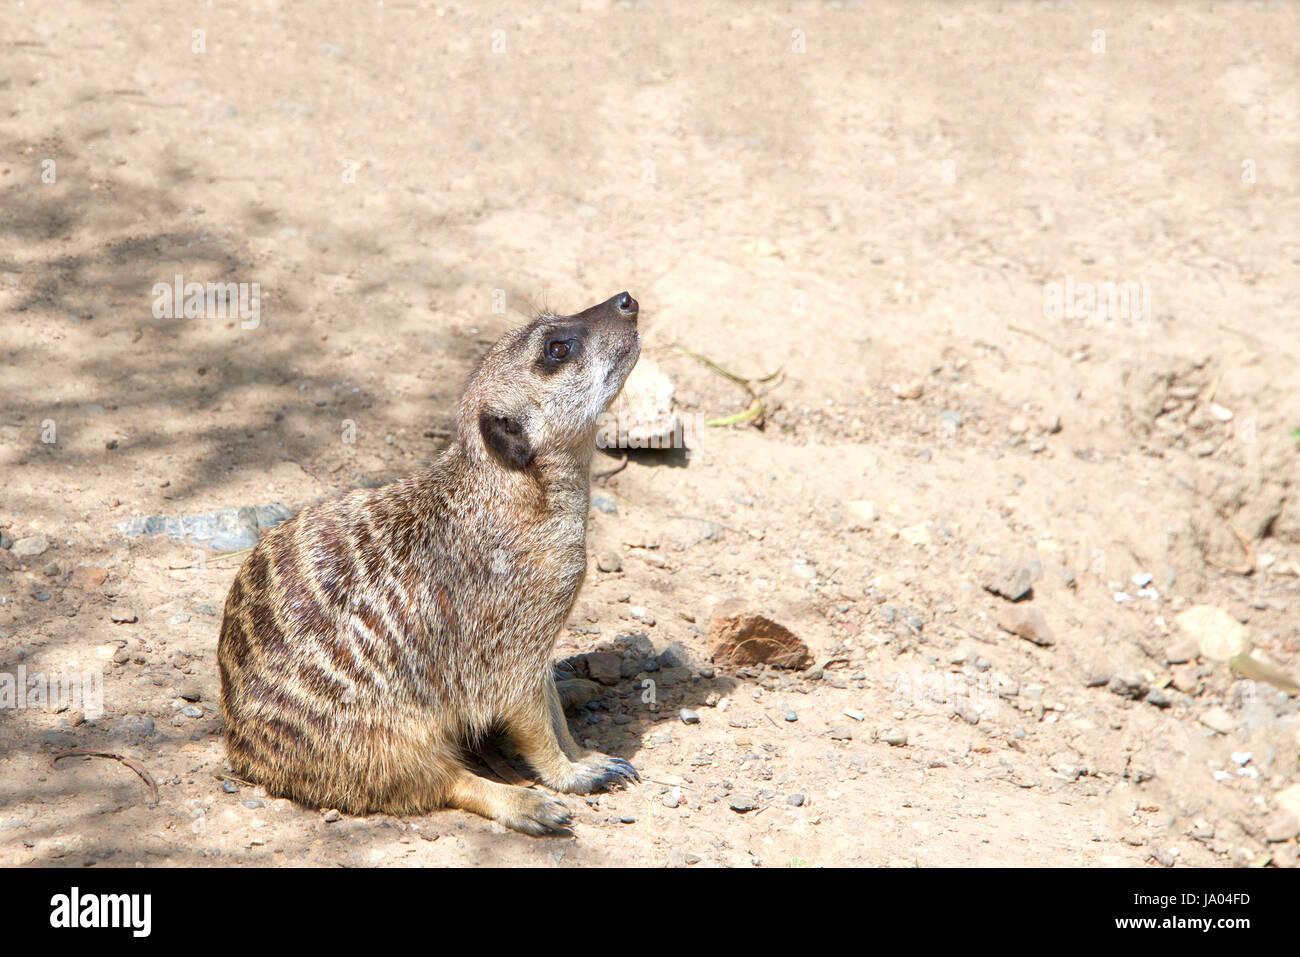 Uno o suricata o Suricata suricatta suricate (), sentarse en el suelo en una posición curiosa mirando a los Imagen De Stock